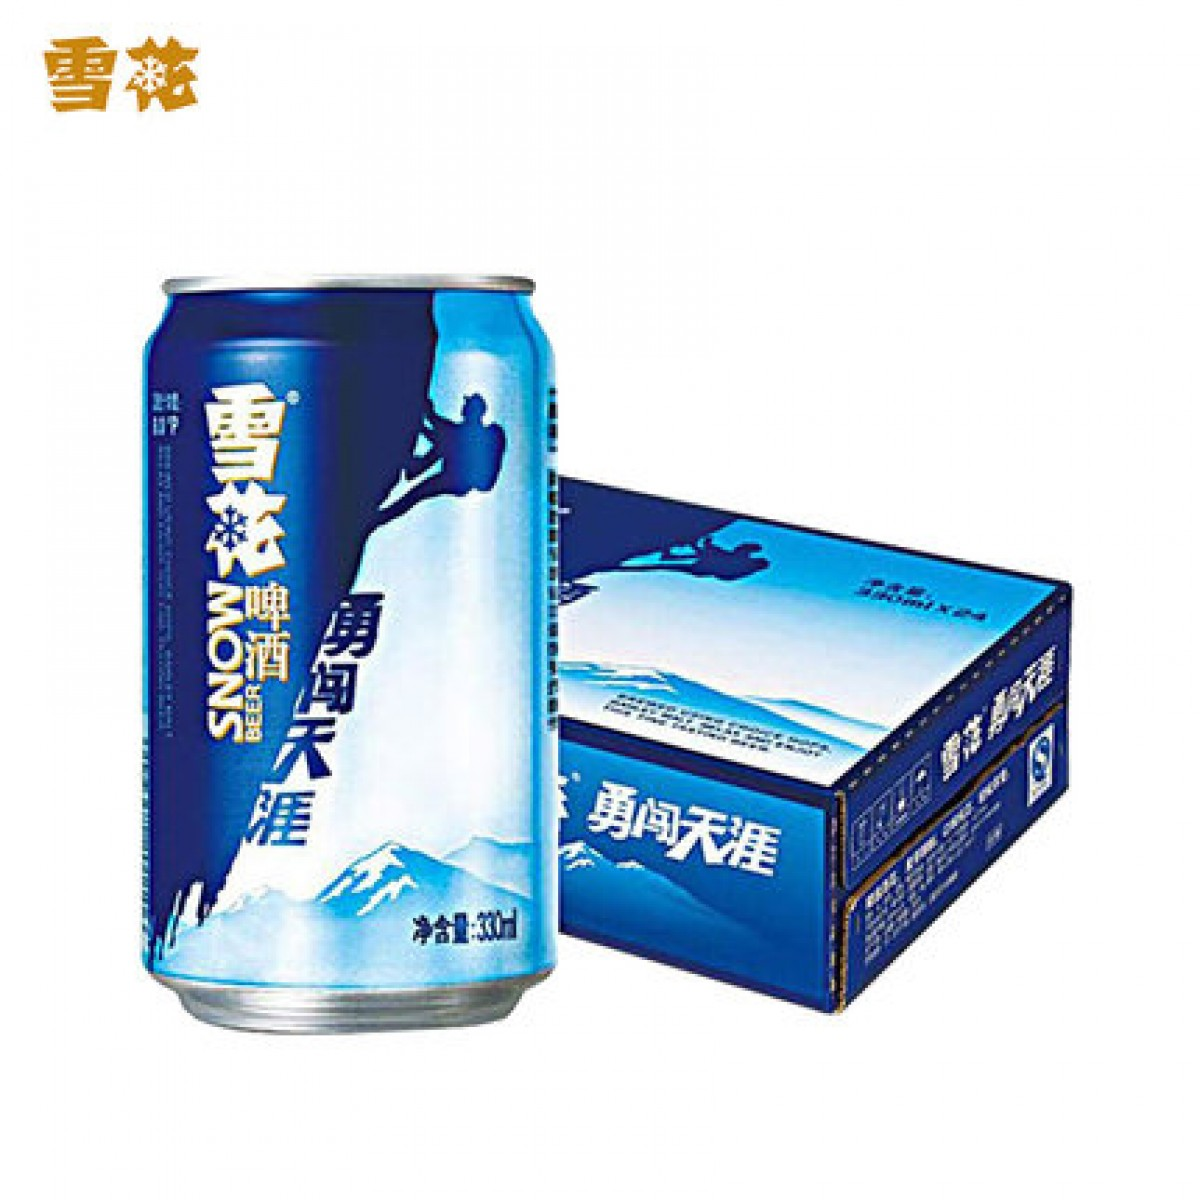 重庆雪花啤酒批发_168商务网